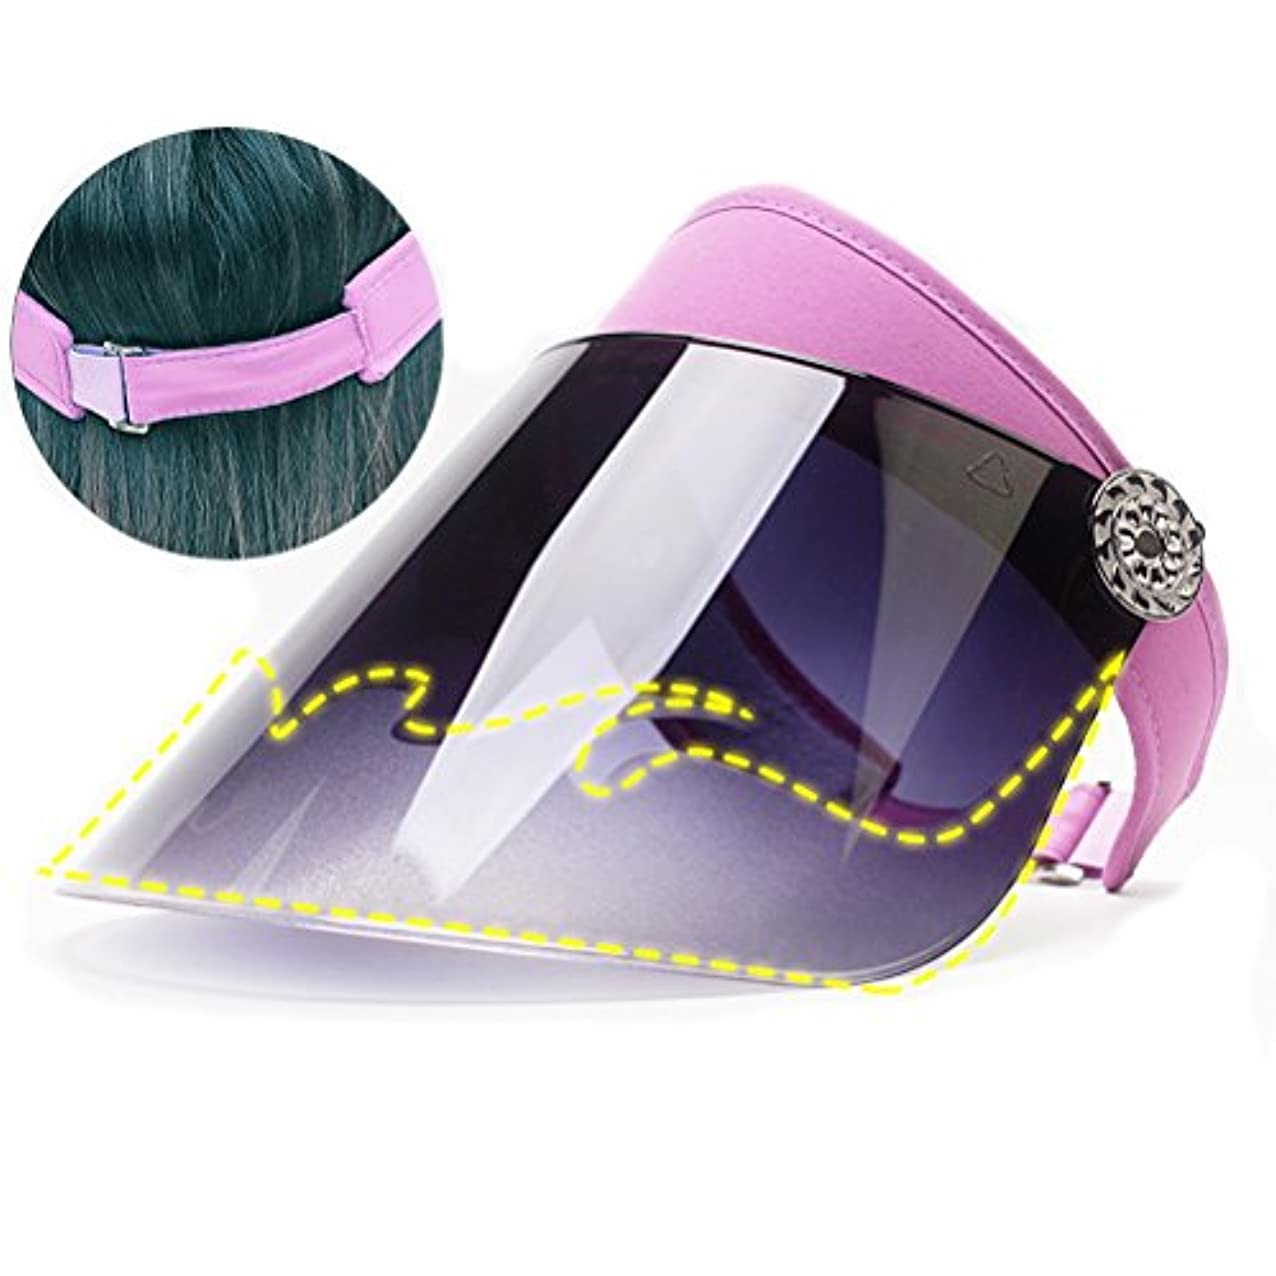 減少揺れる楽しむnacola太陽帽子、空上部調整可能夏バイザーレンズシートWide Brimmed Cap